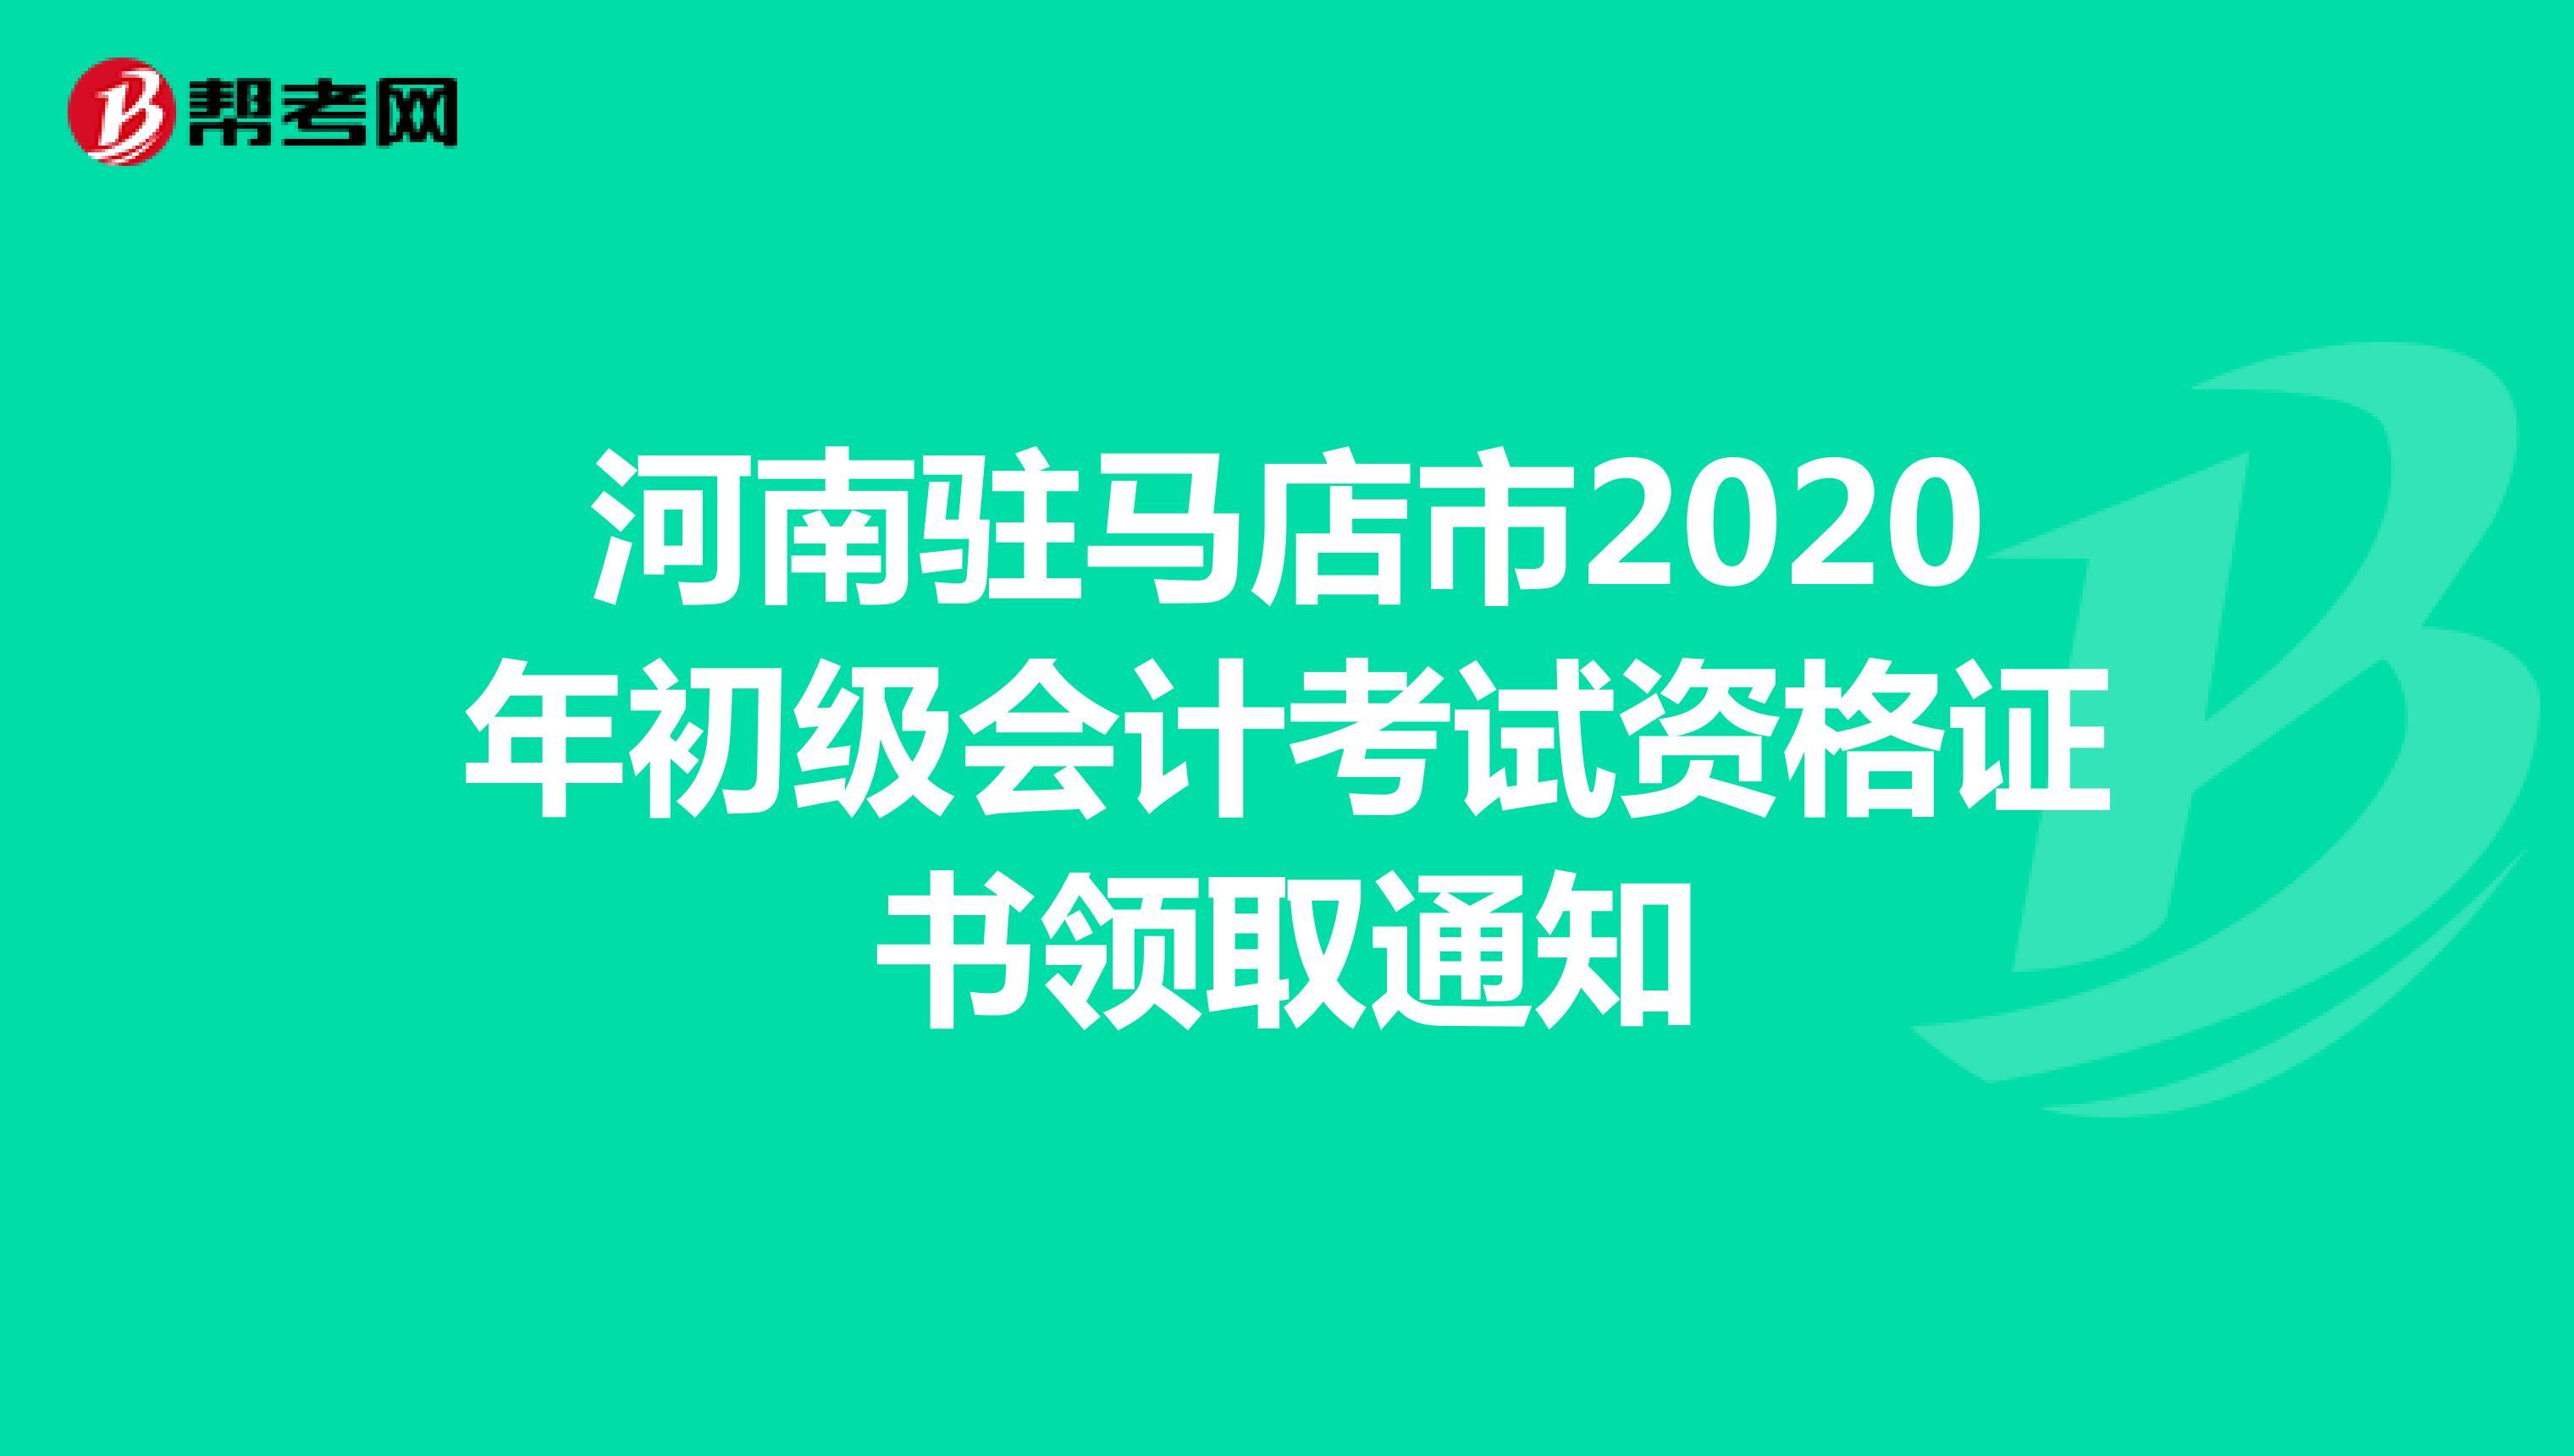 河南驻马店市2020年初级会计考试领证时间:1月26日起